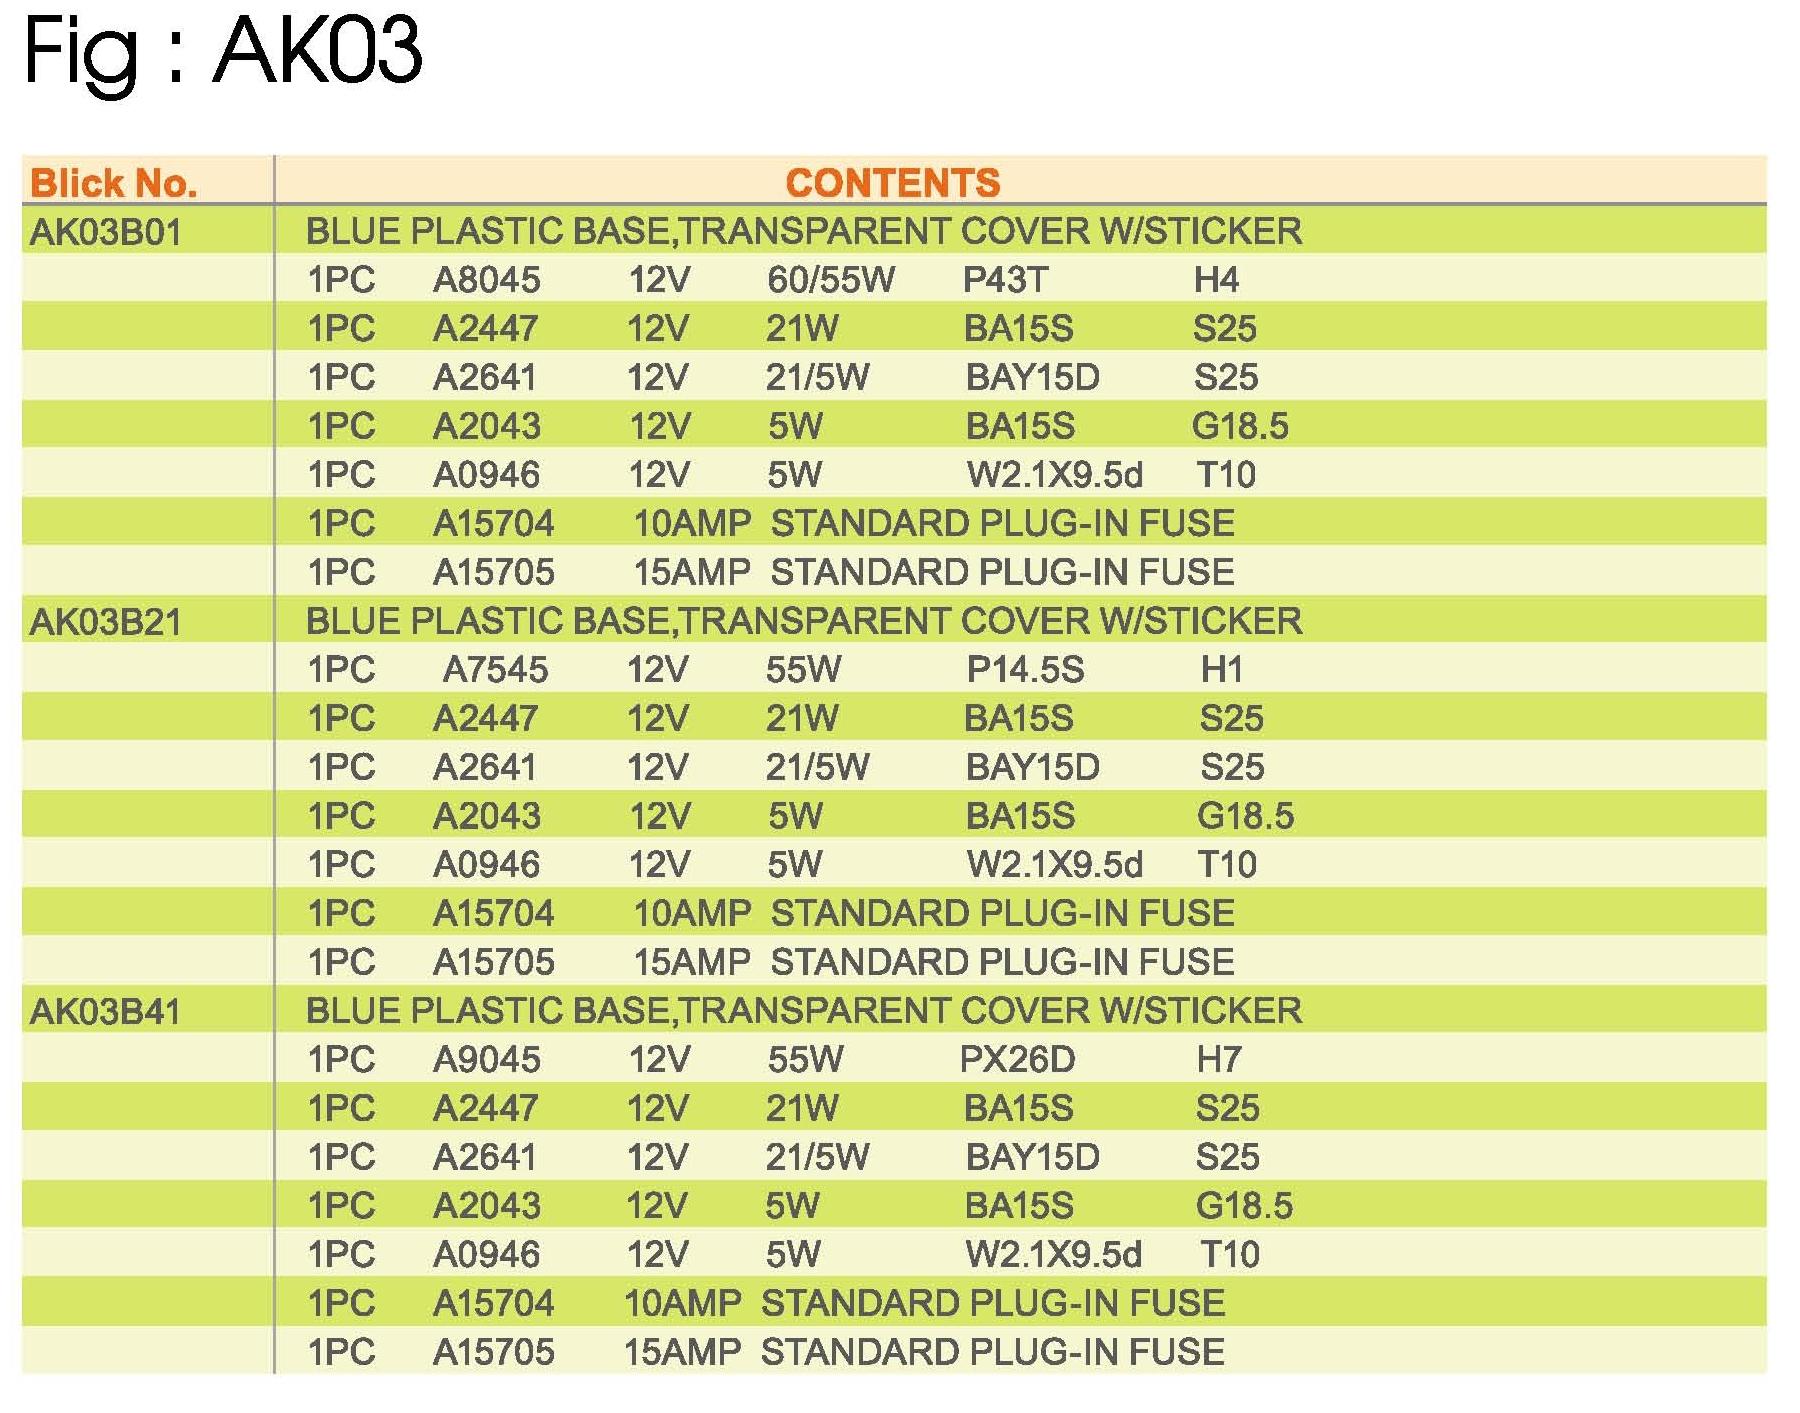 FIG-AK03-4